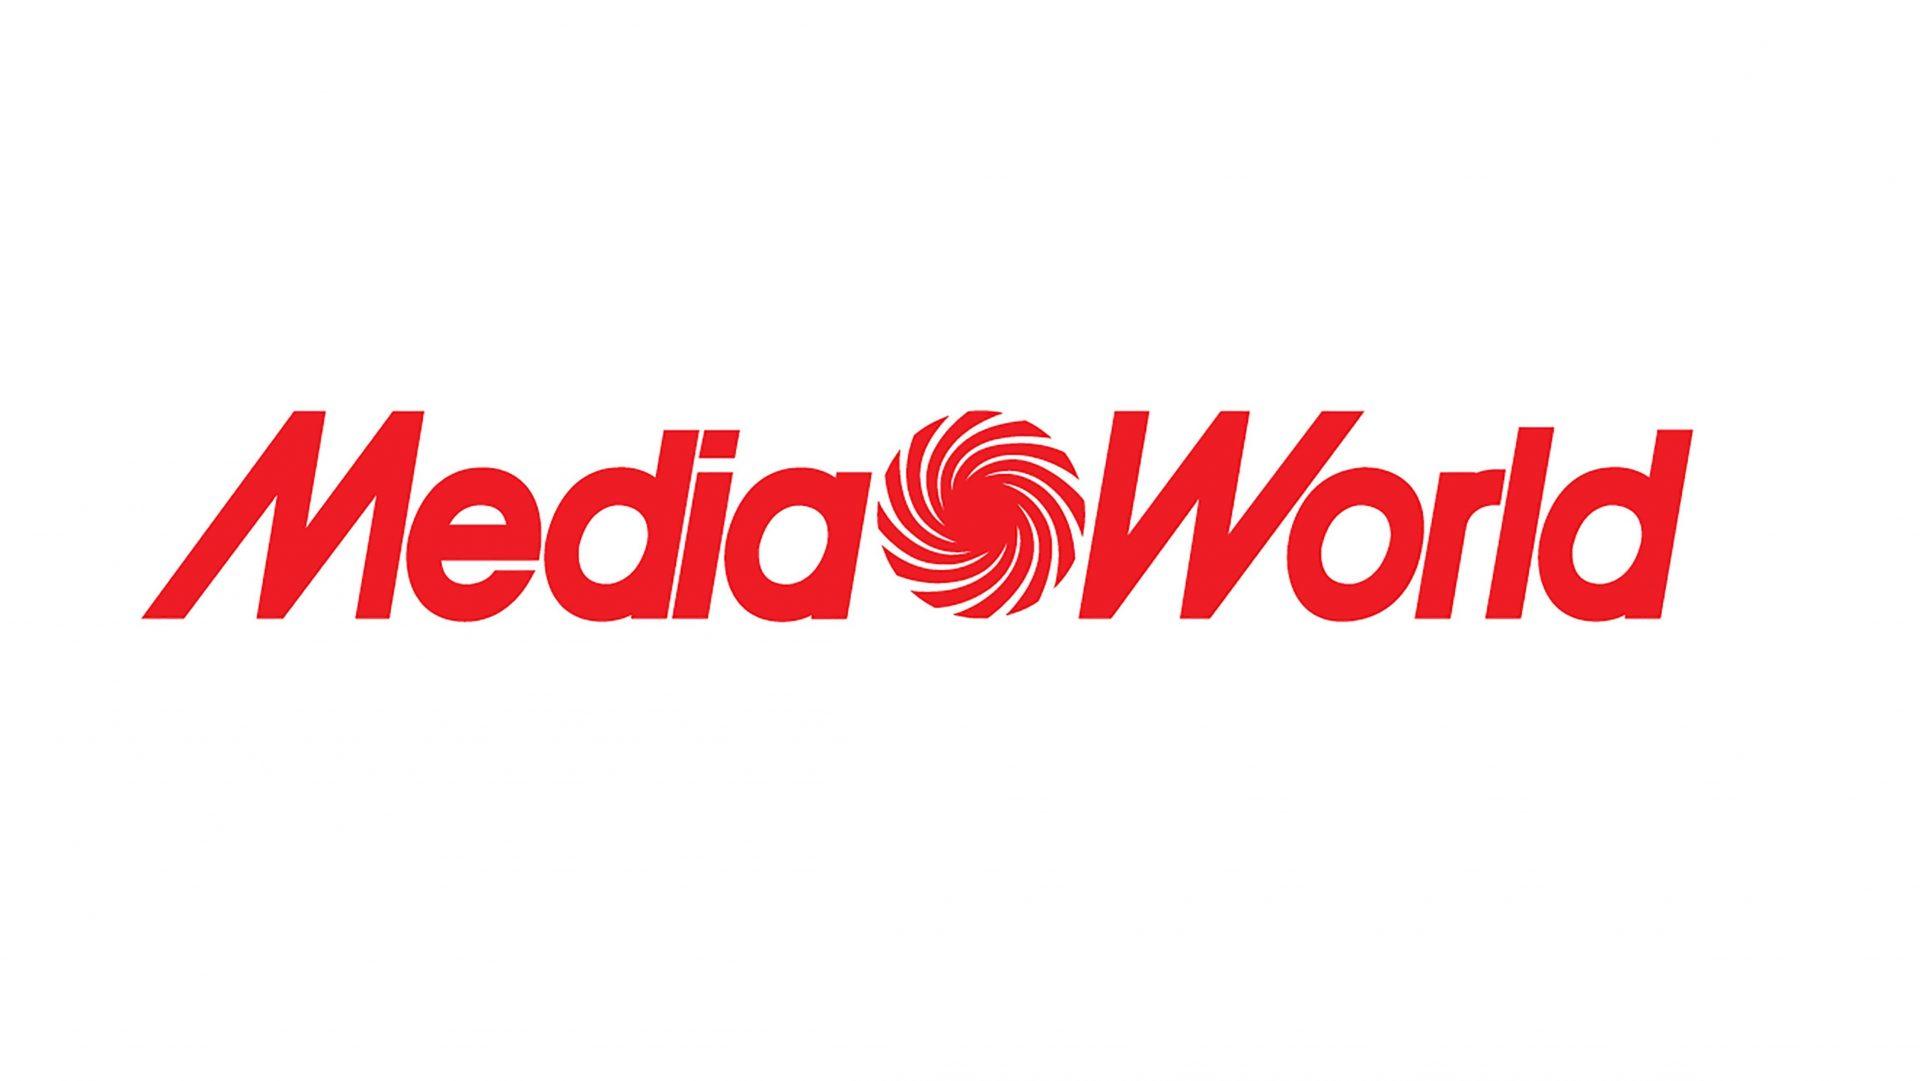 Mediaworld: Nuovi XDays SOLO ONLINE fino al 30 marzo 2019